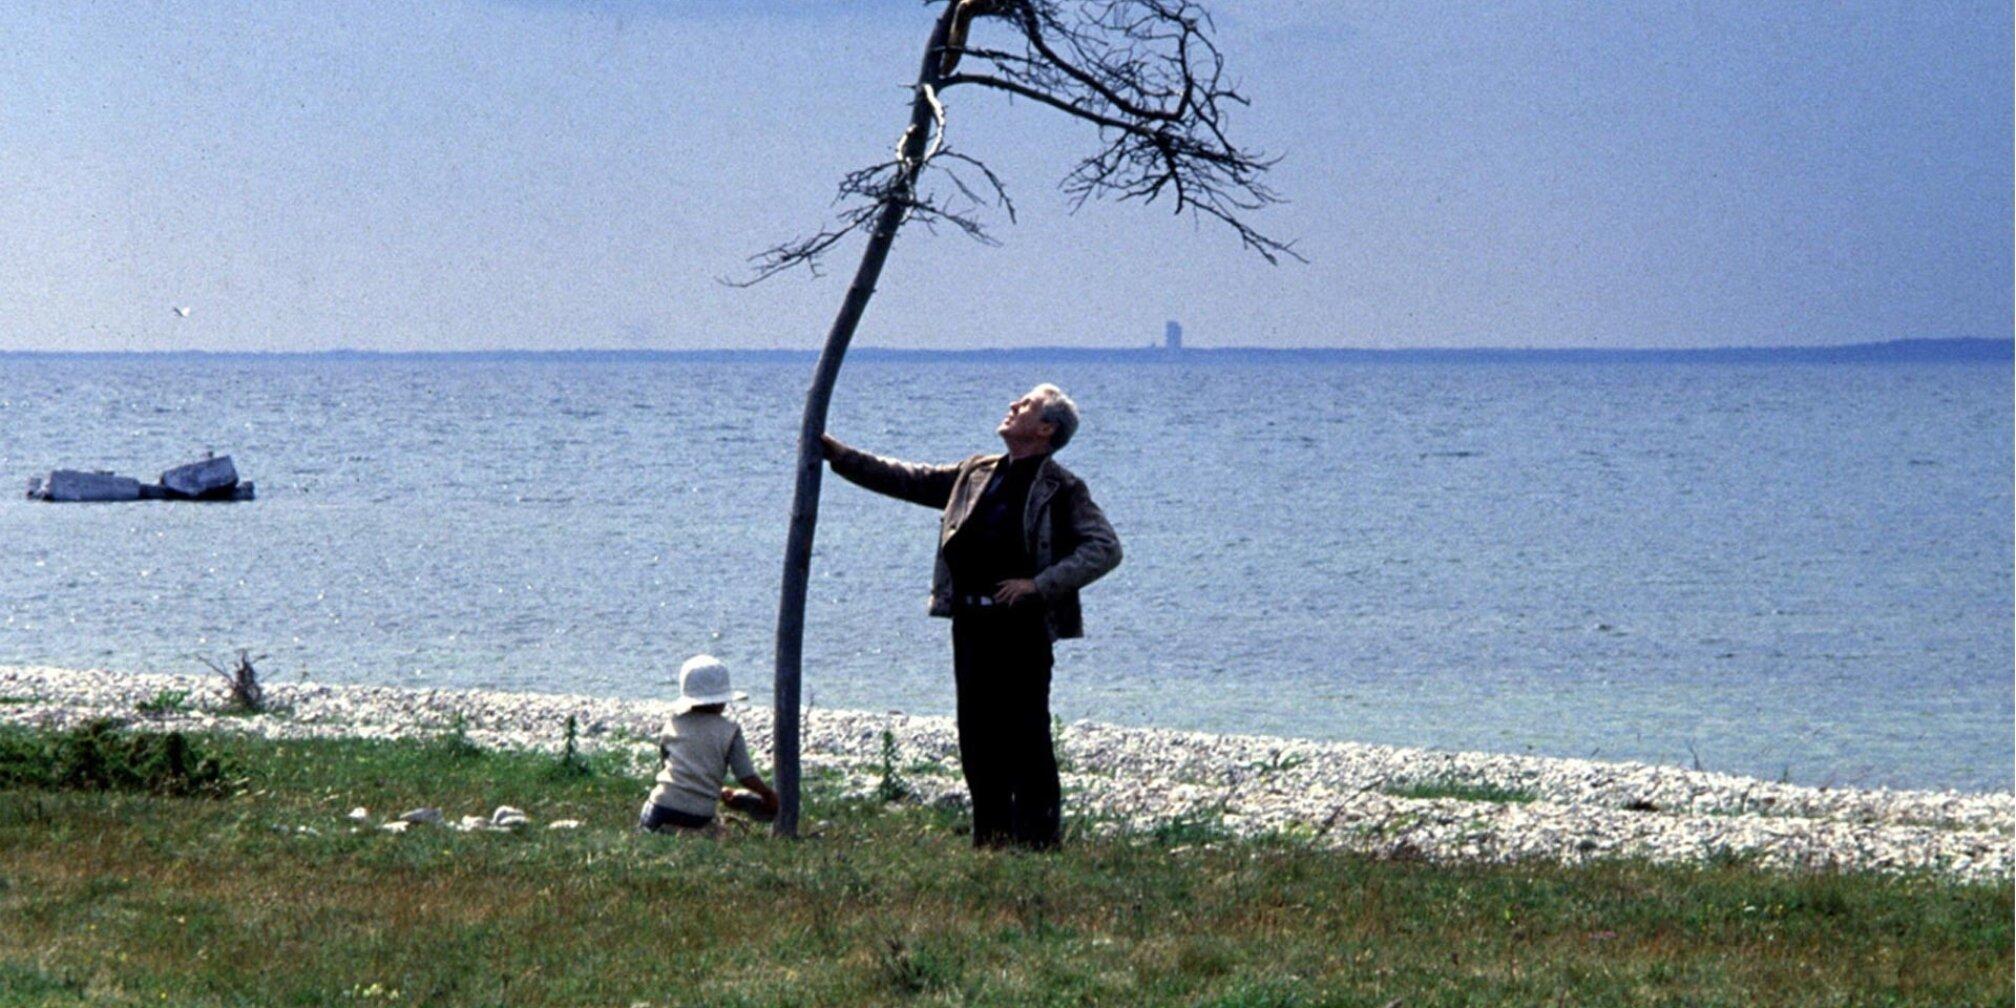 Andrei Tarkovsky, The Sacrifice, 1986 (still)